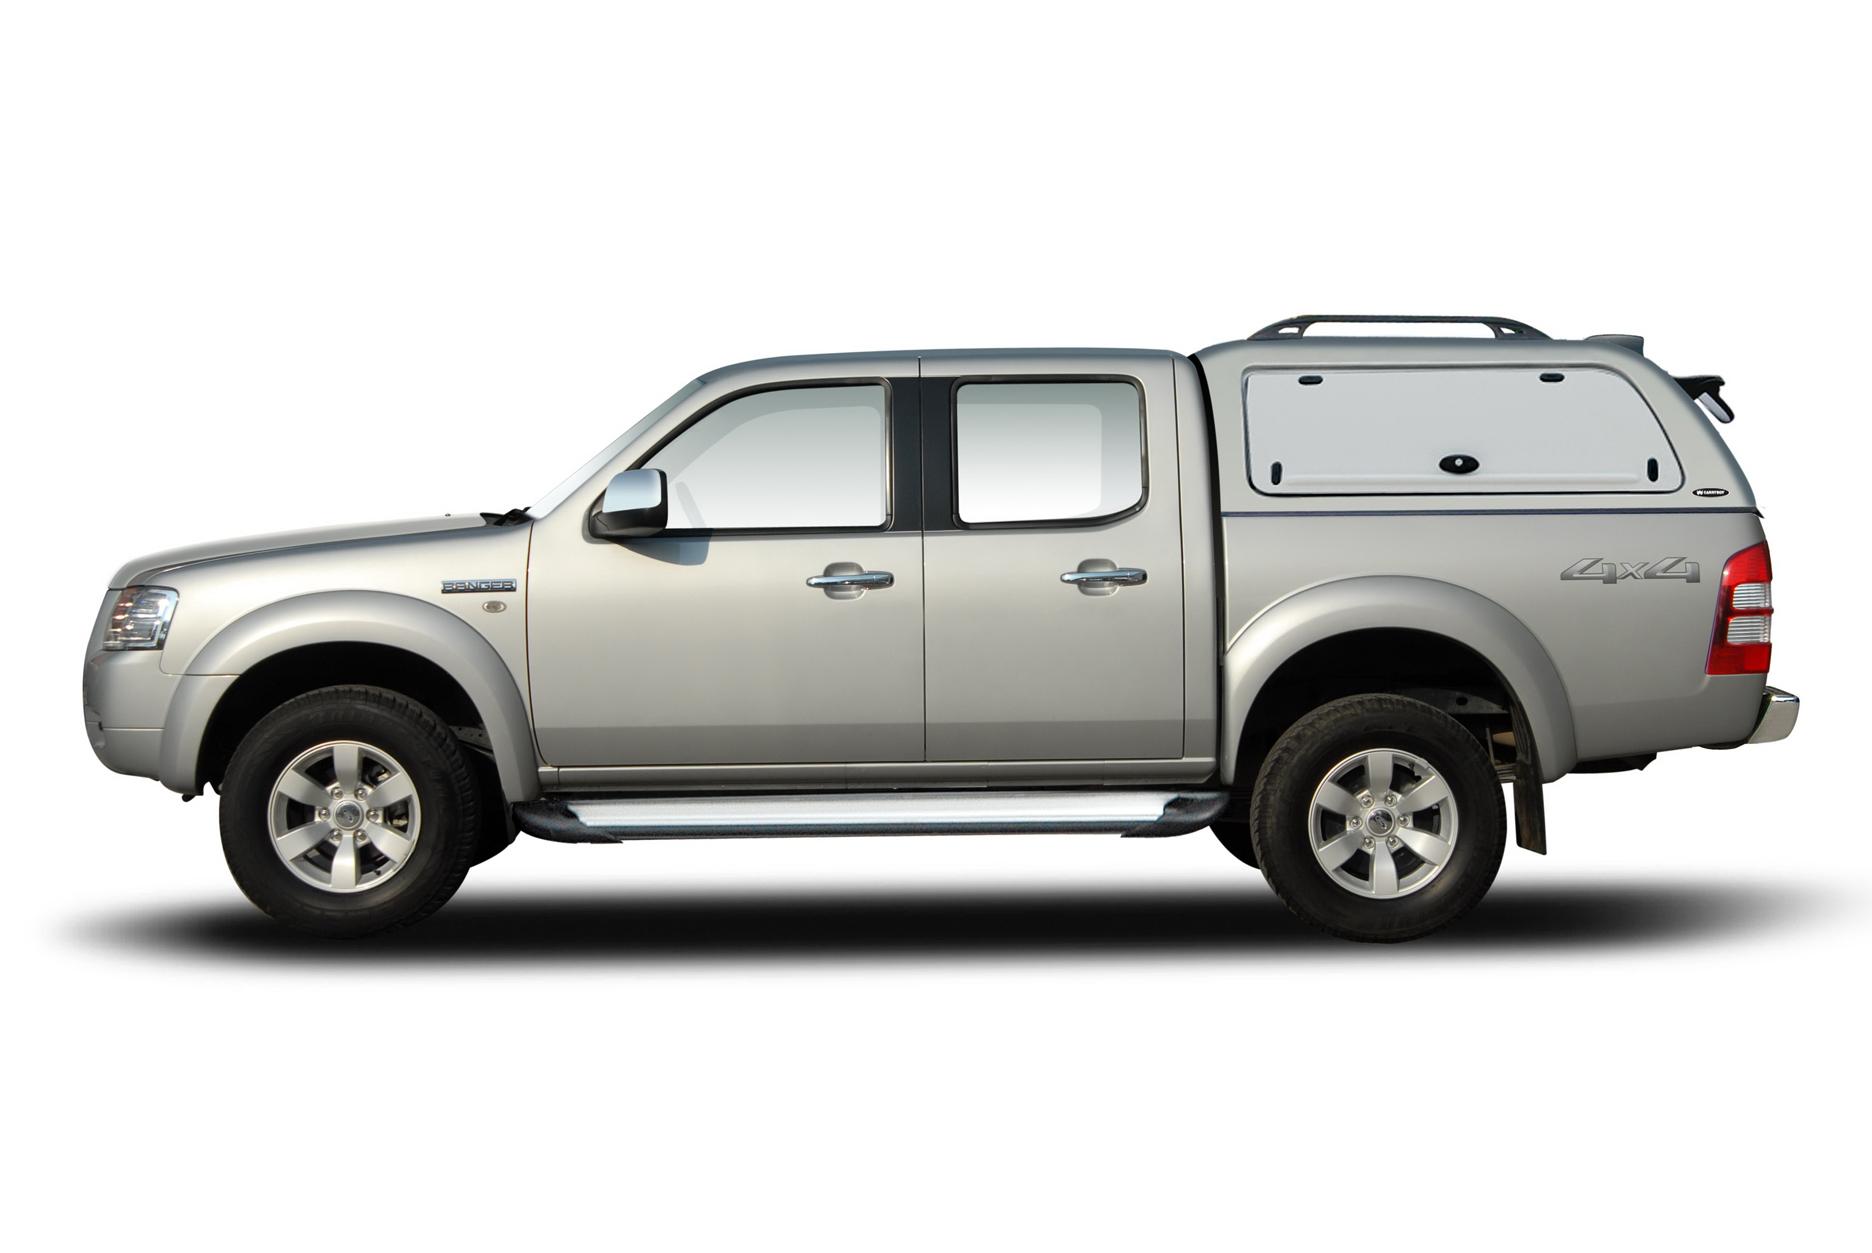 Ford Ranger Doppelkabine Hardtop mit seitlichen GFK Klappen SOK-FTD einfacher Einbau ohne Bohren